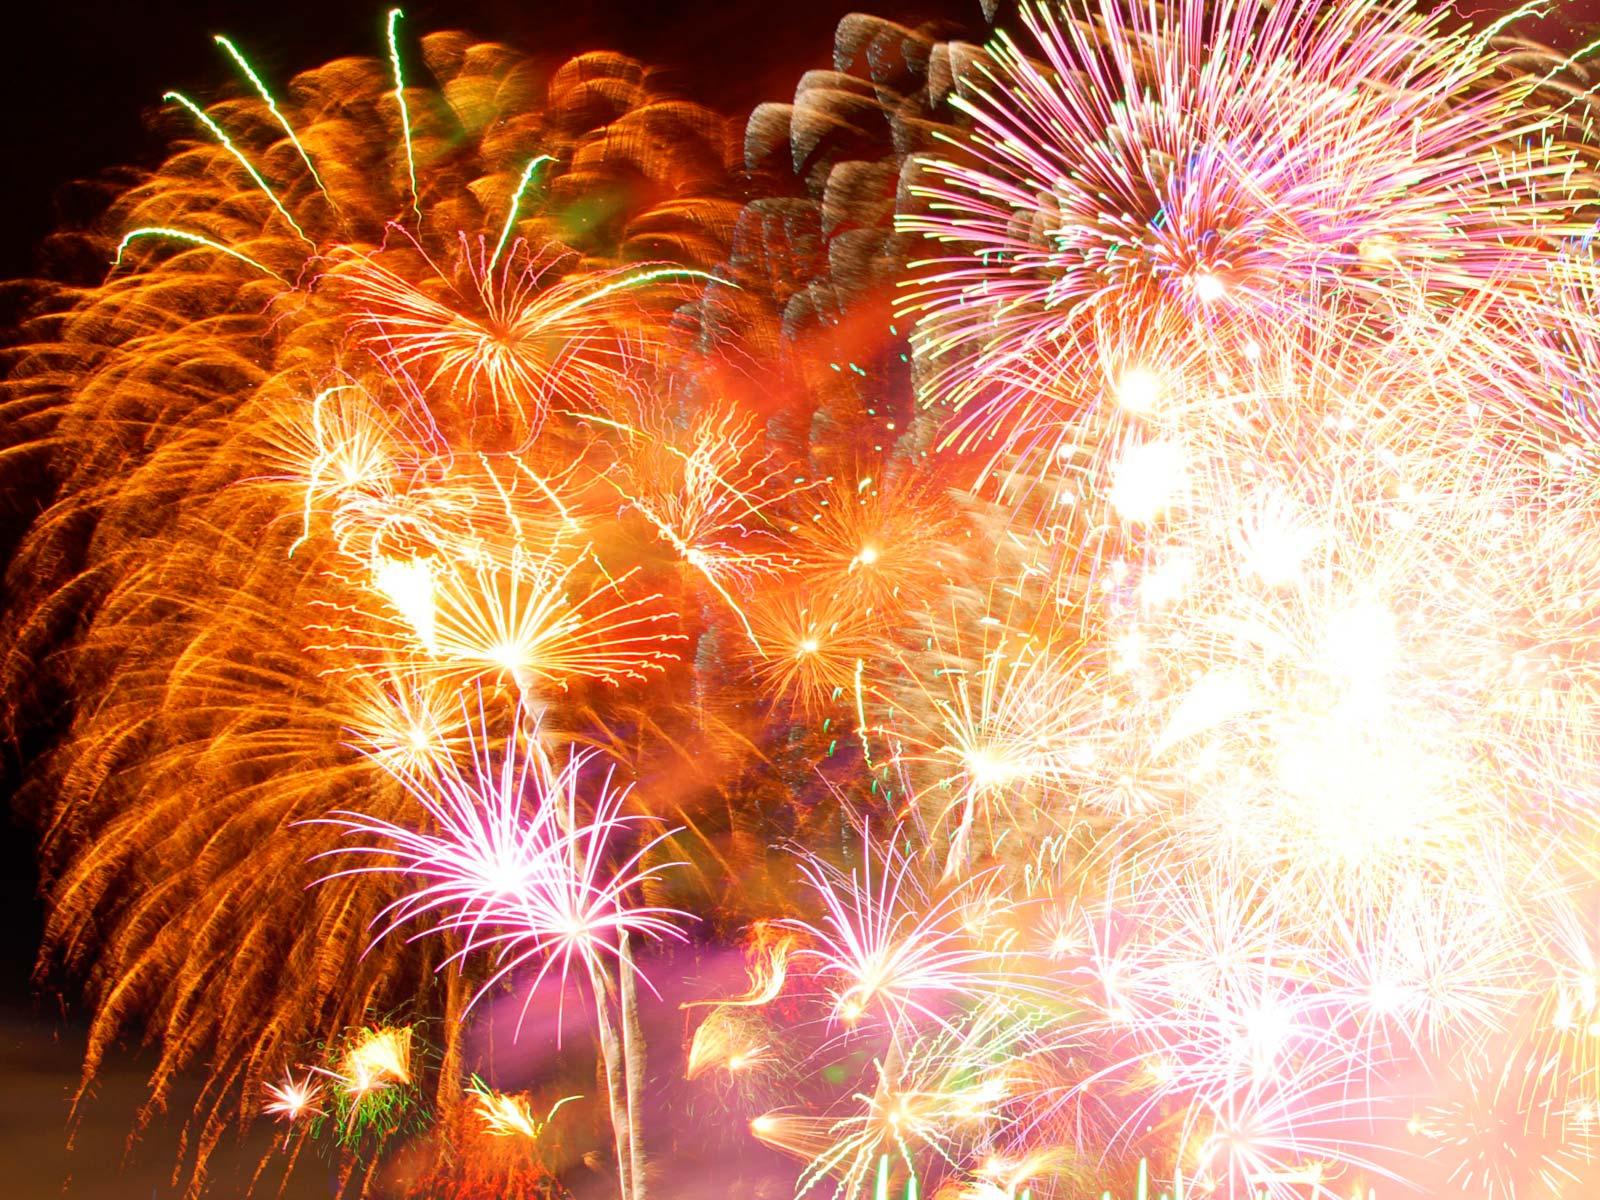 Fuochi d'artificio al River's Food Festival